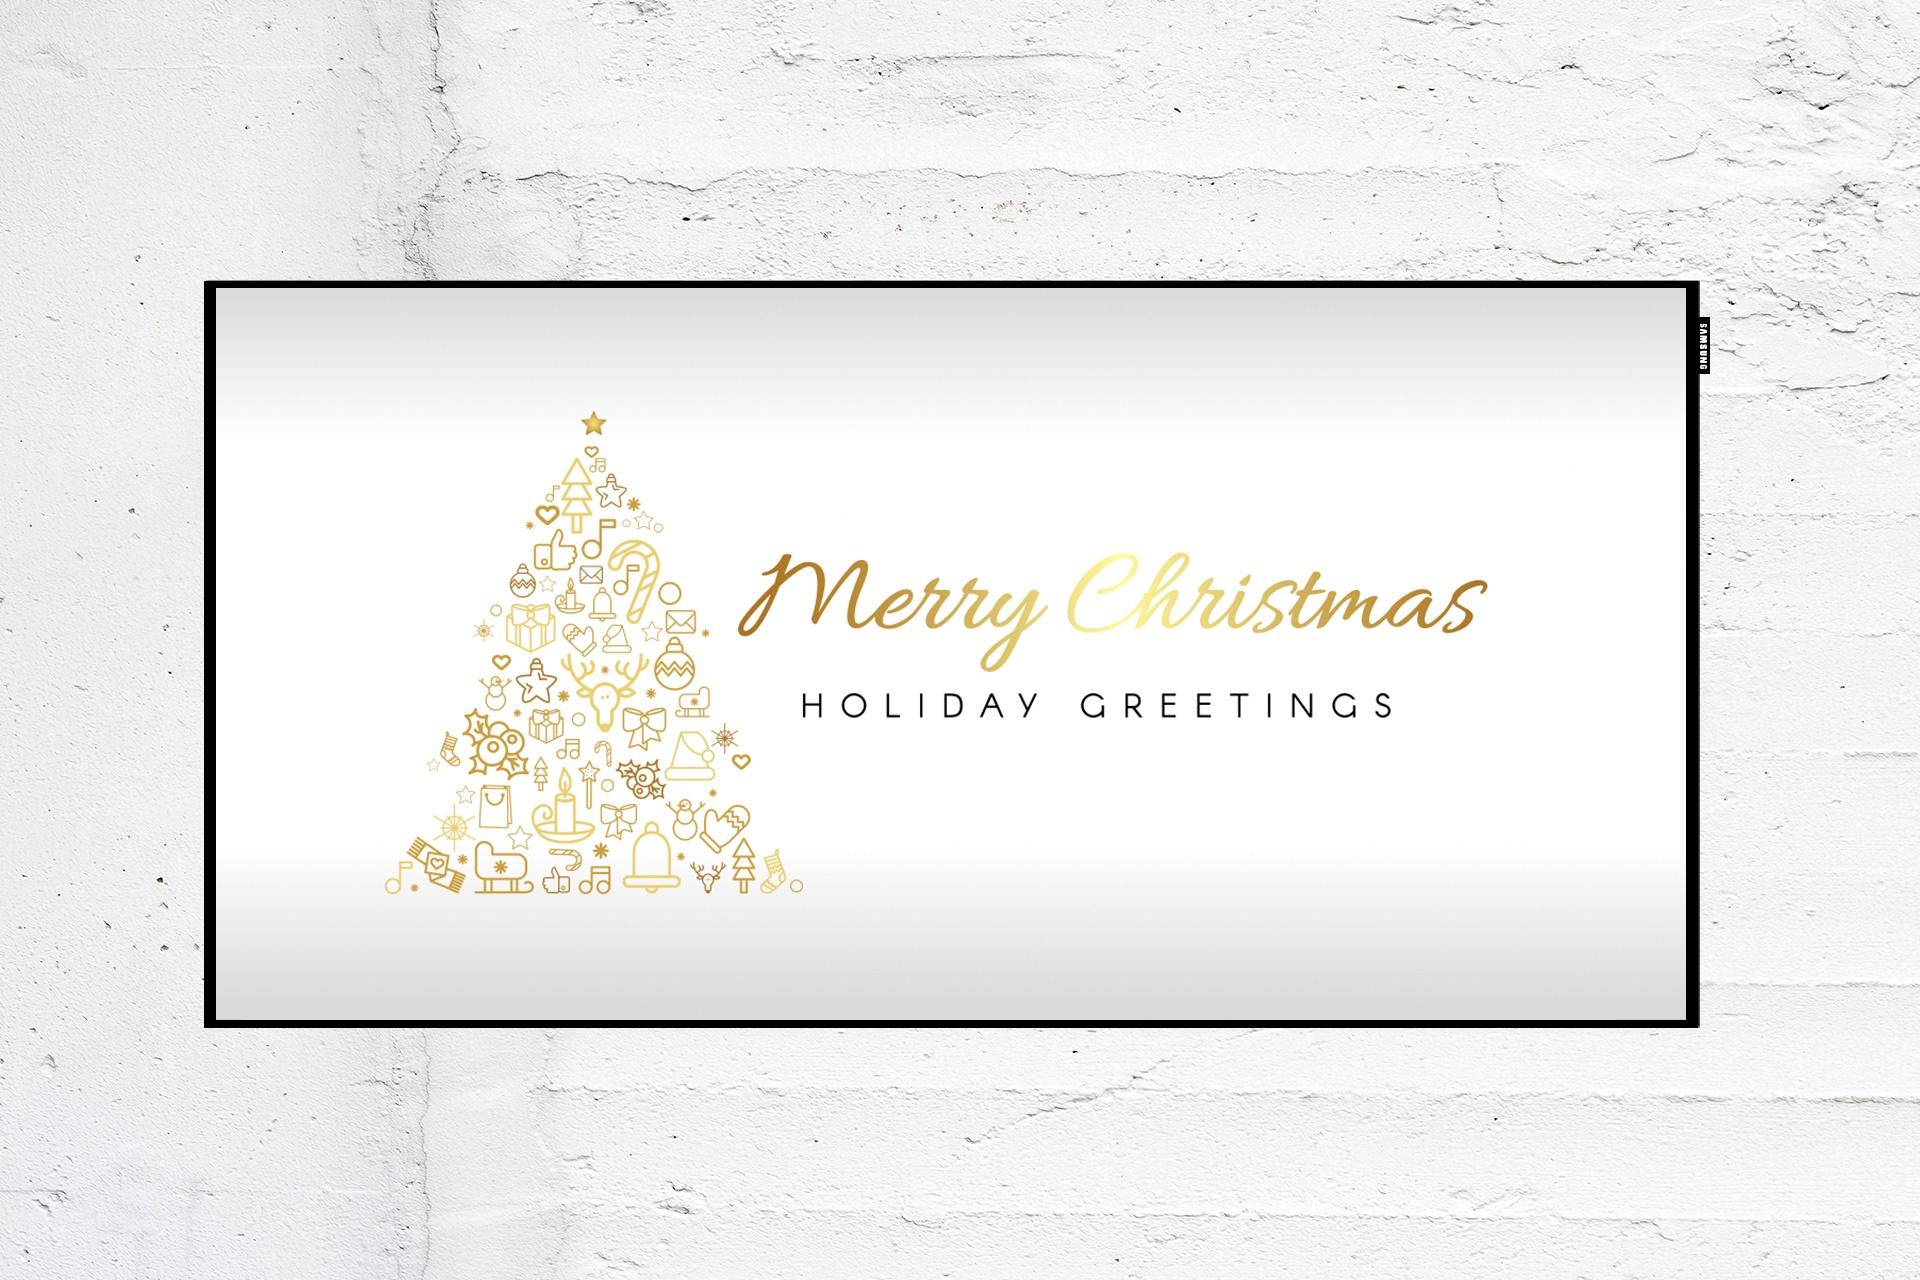 Christmas_artikkel1